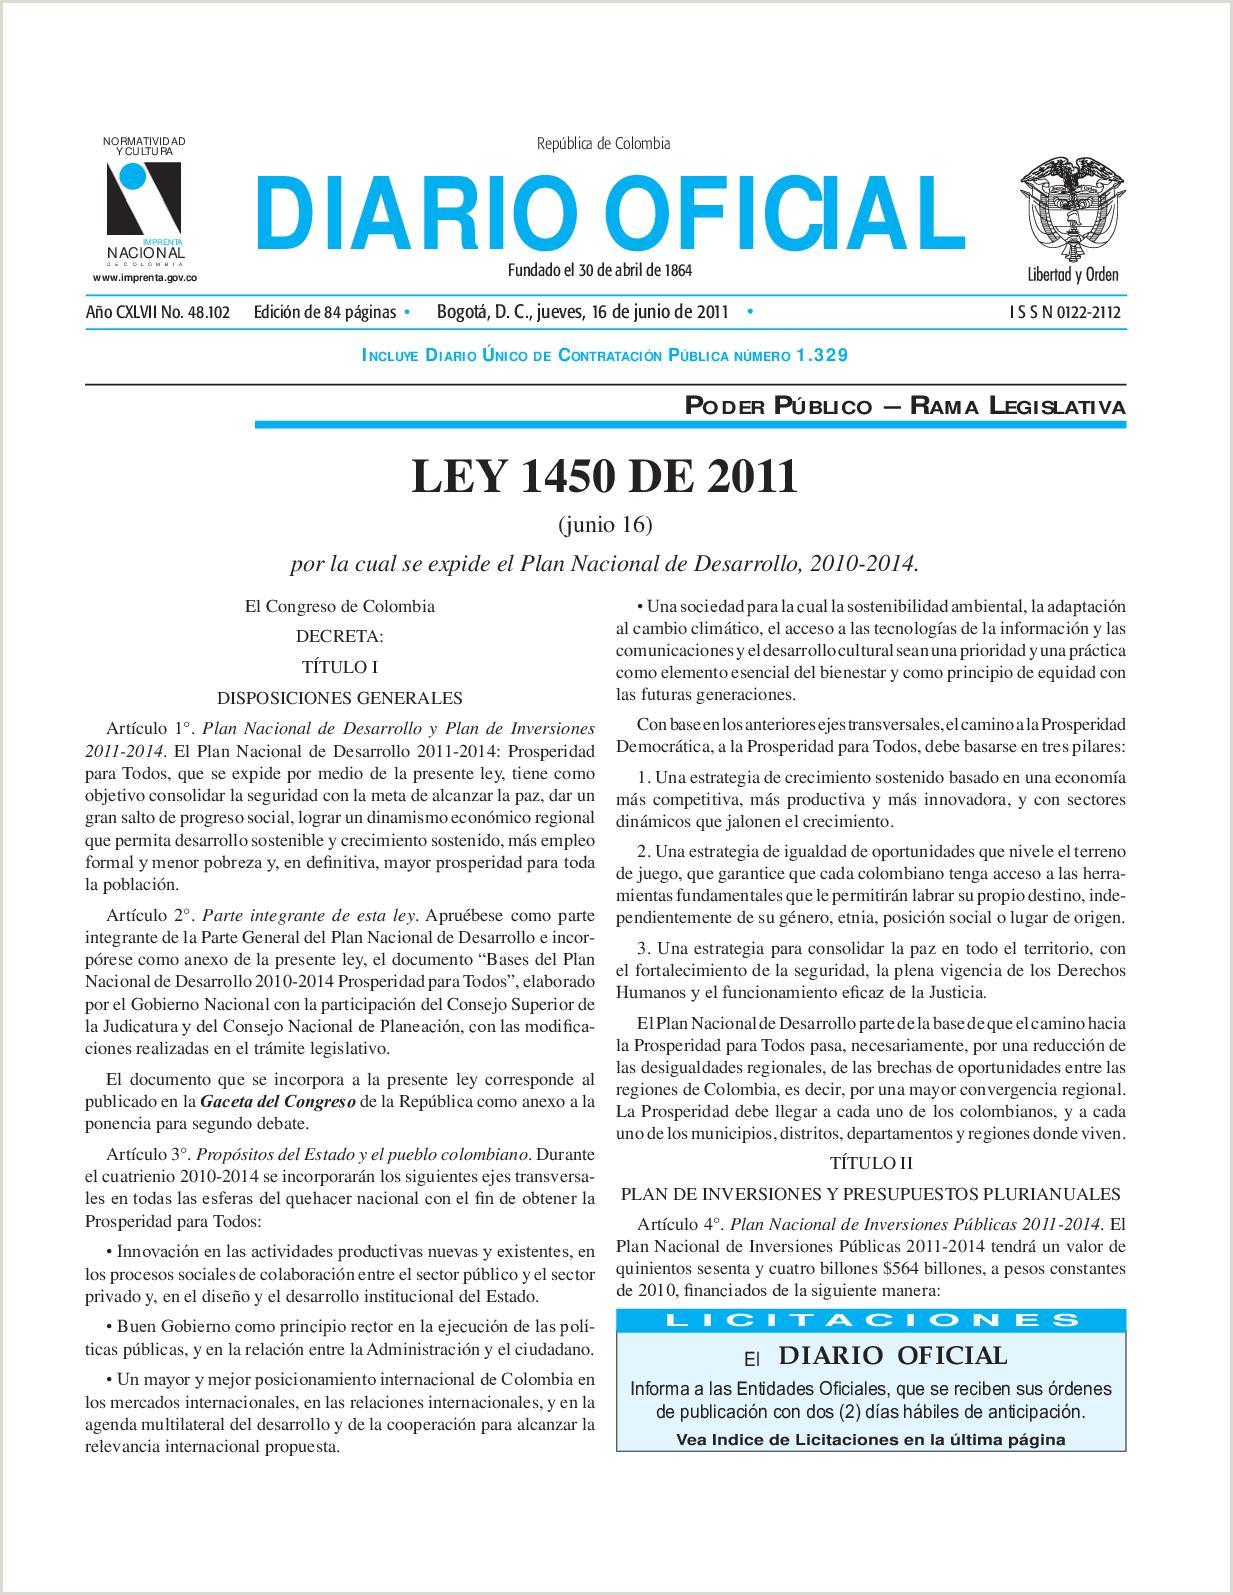 Formato Hoja De Vida Invias Calaméo Ley 1450 De 2011